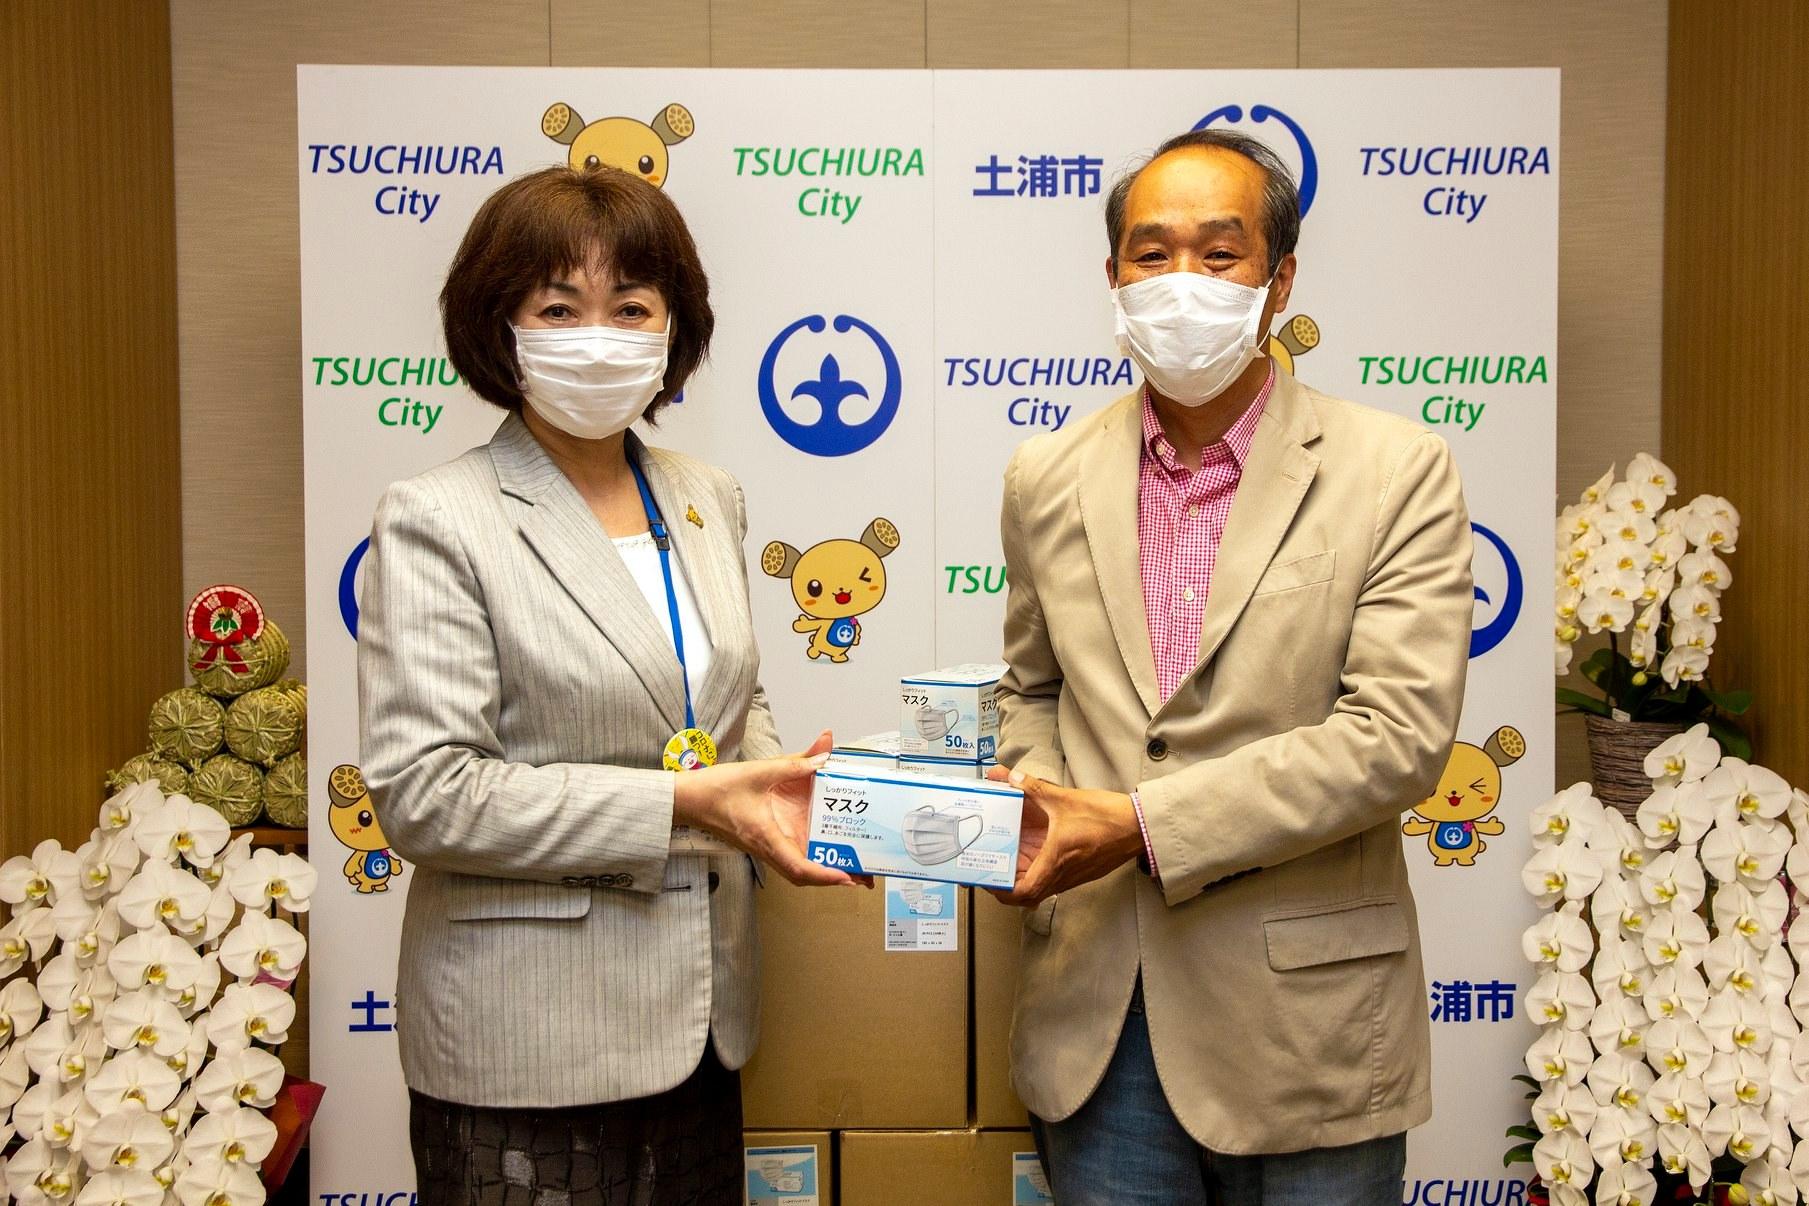 マスク5,000枚のご寄付page-visual マスク5,000枚のご寄付ビジュアル